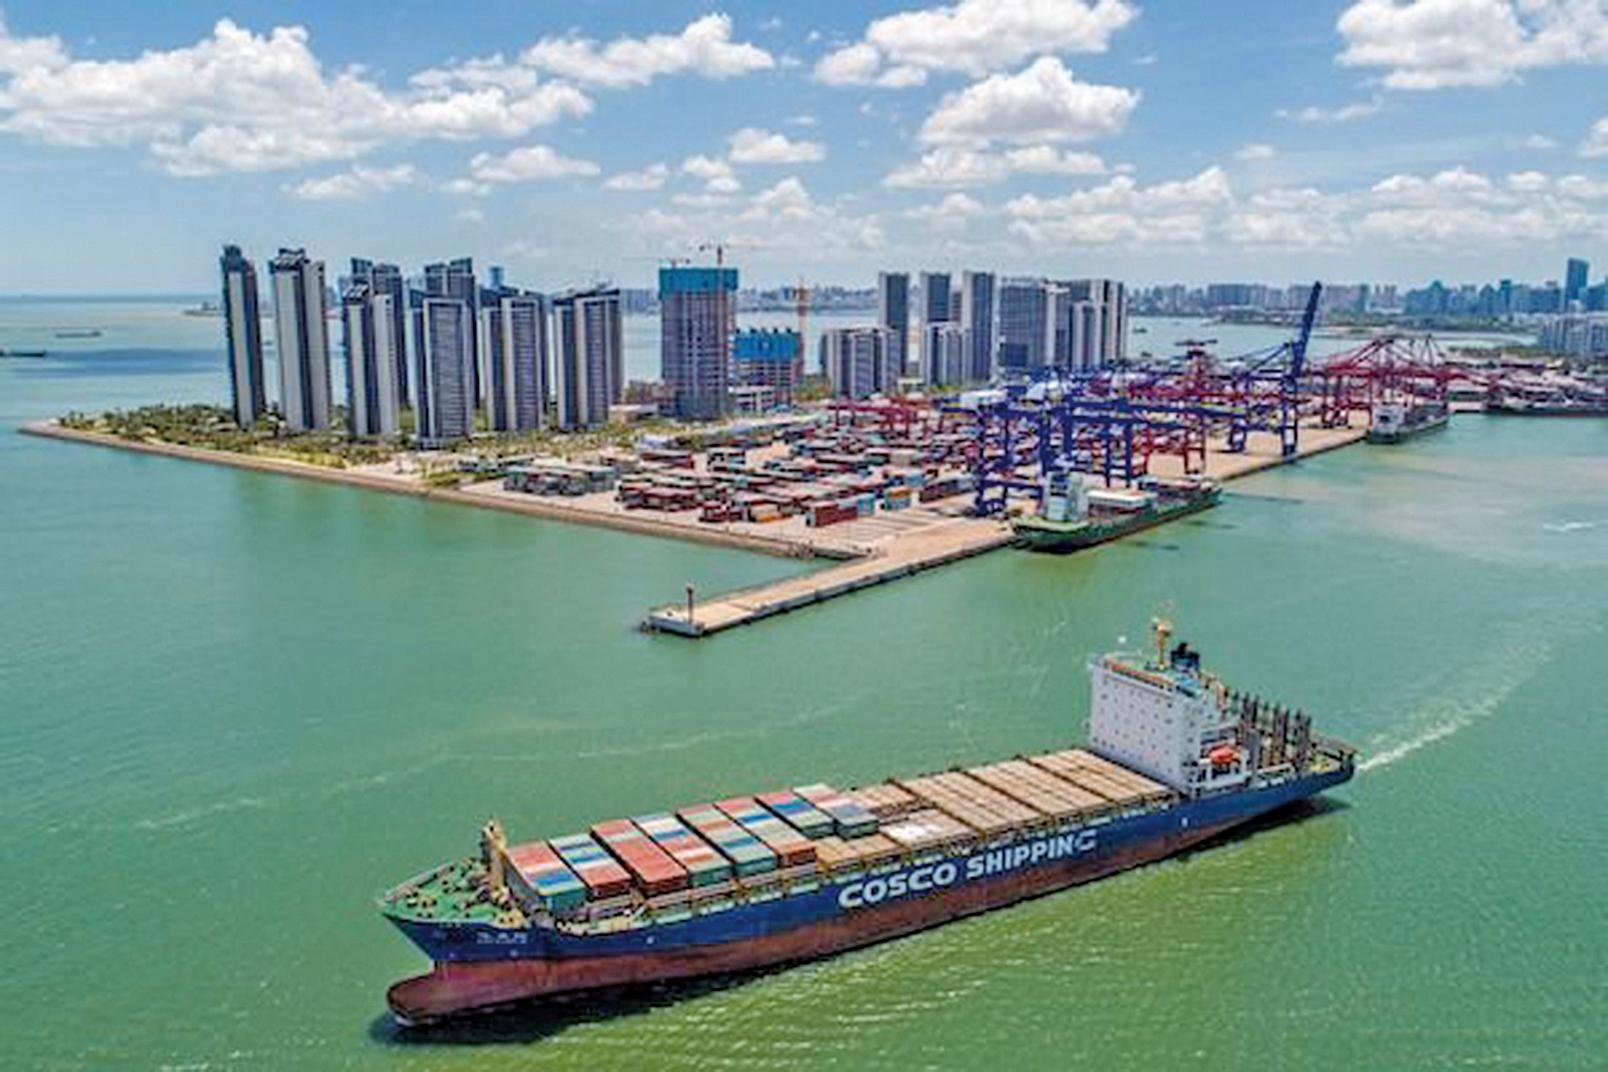 這張攝於2021年5月17日的航拍照片顯示,一艘滿載貨櫃的貨船正離開中國海南省海口市一個港口。(Getty Images)